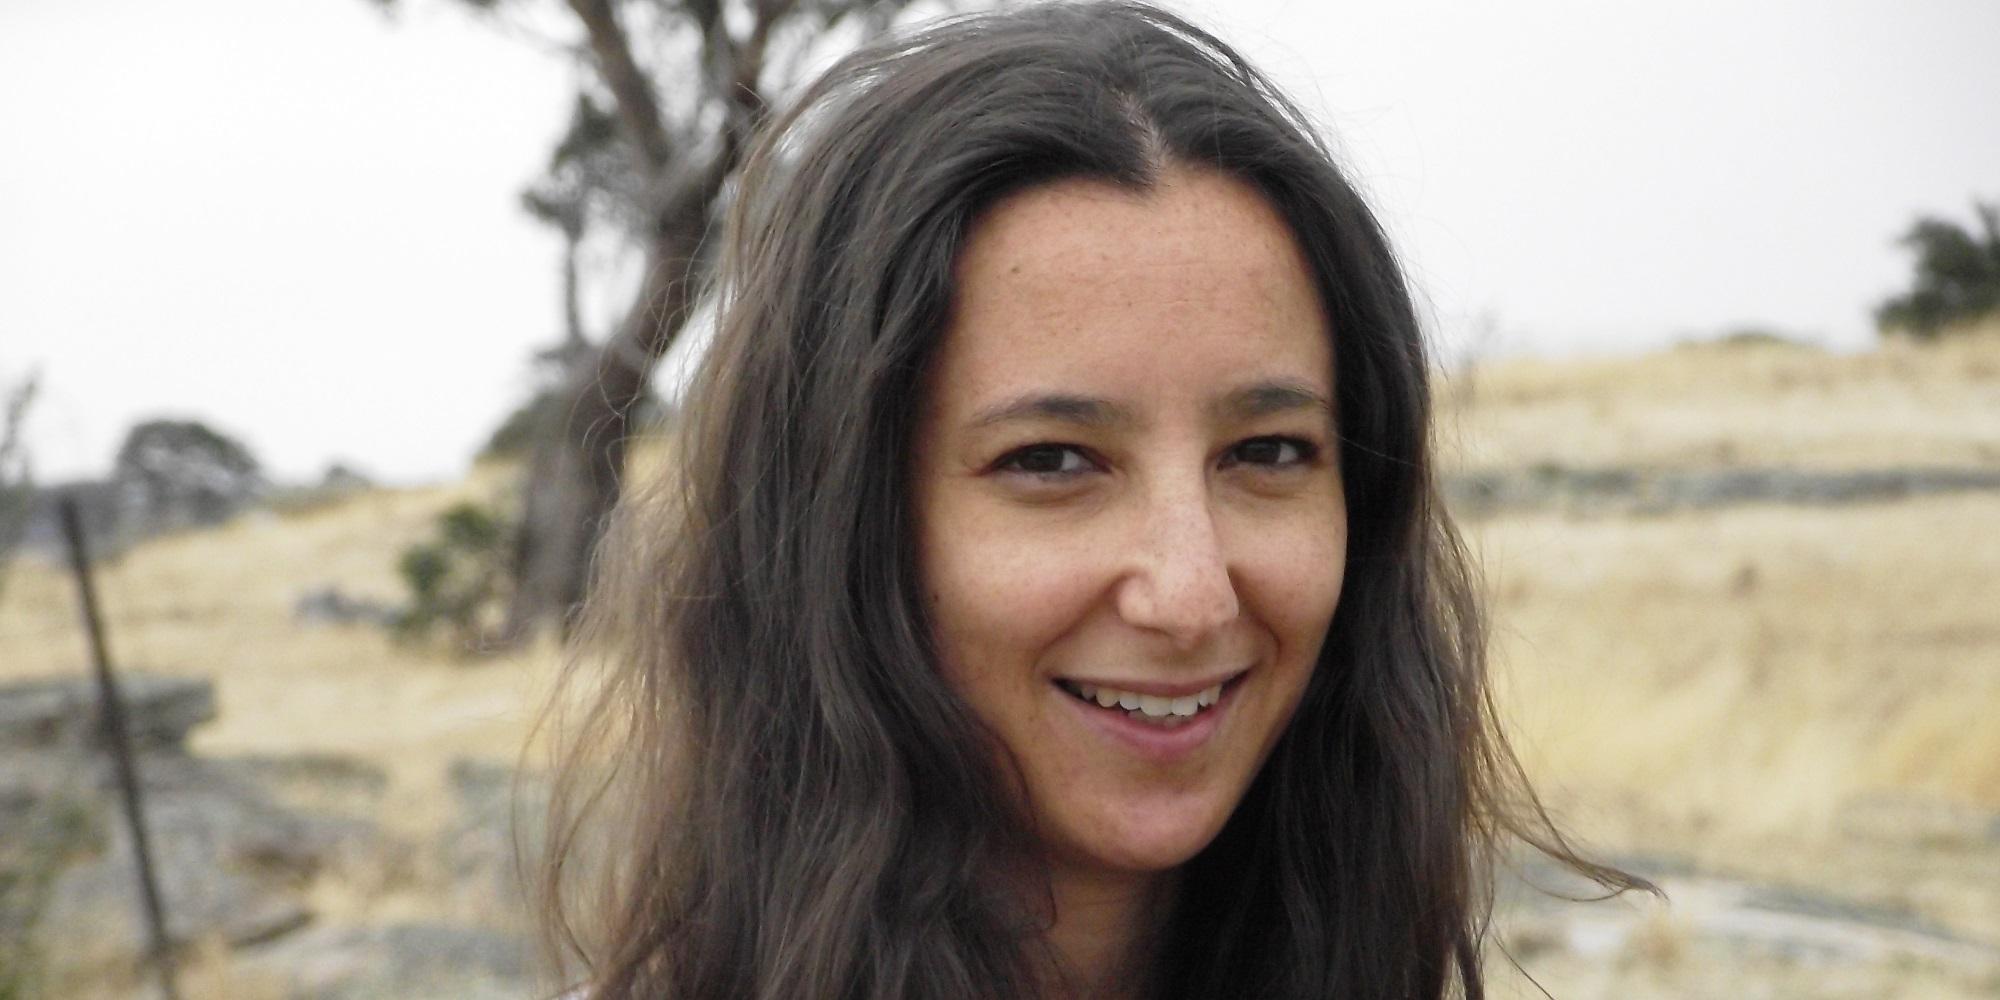 Michelle Lesh